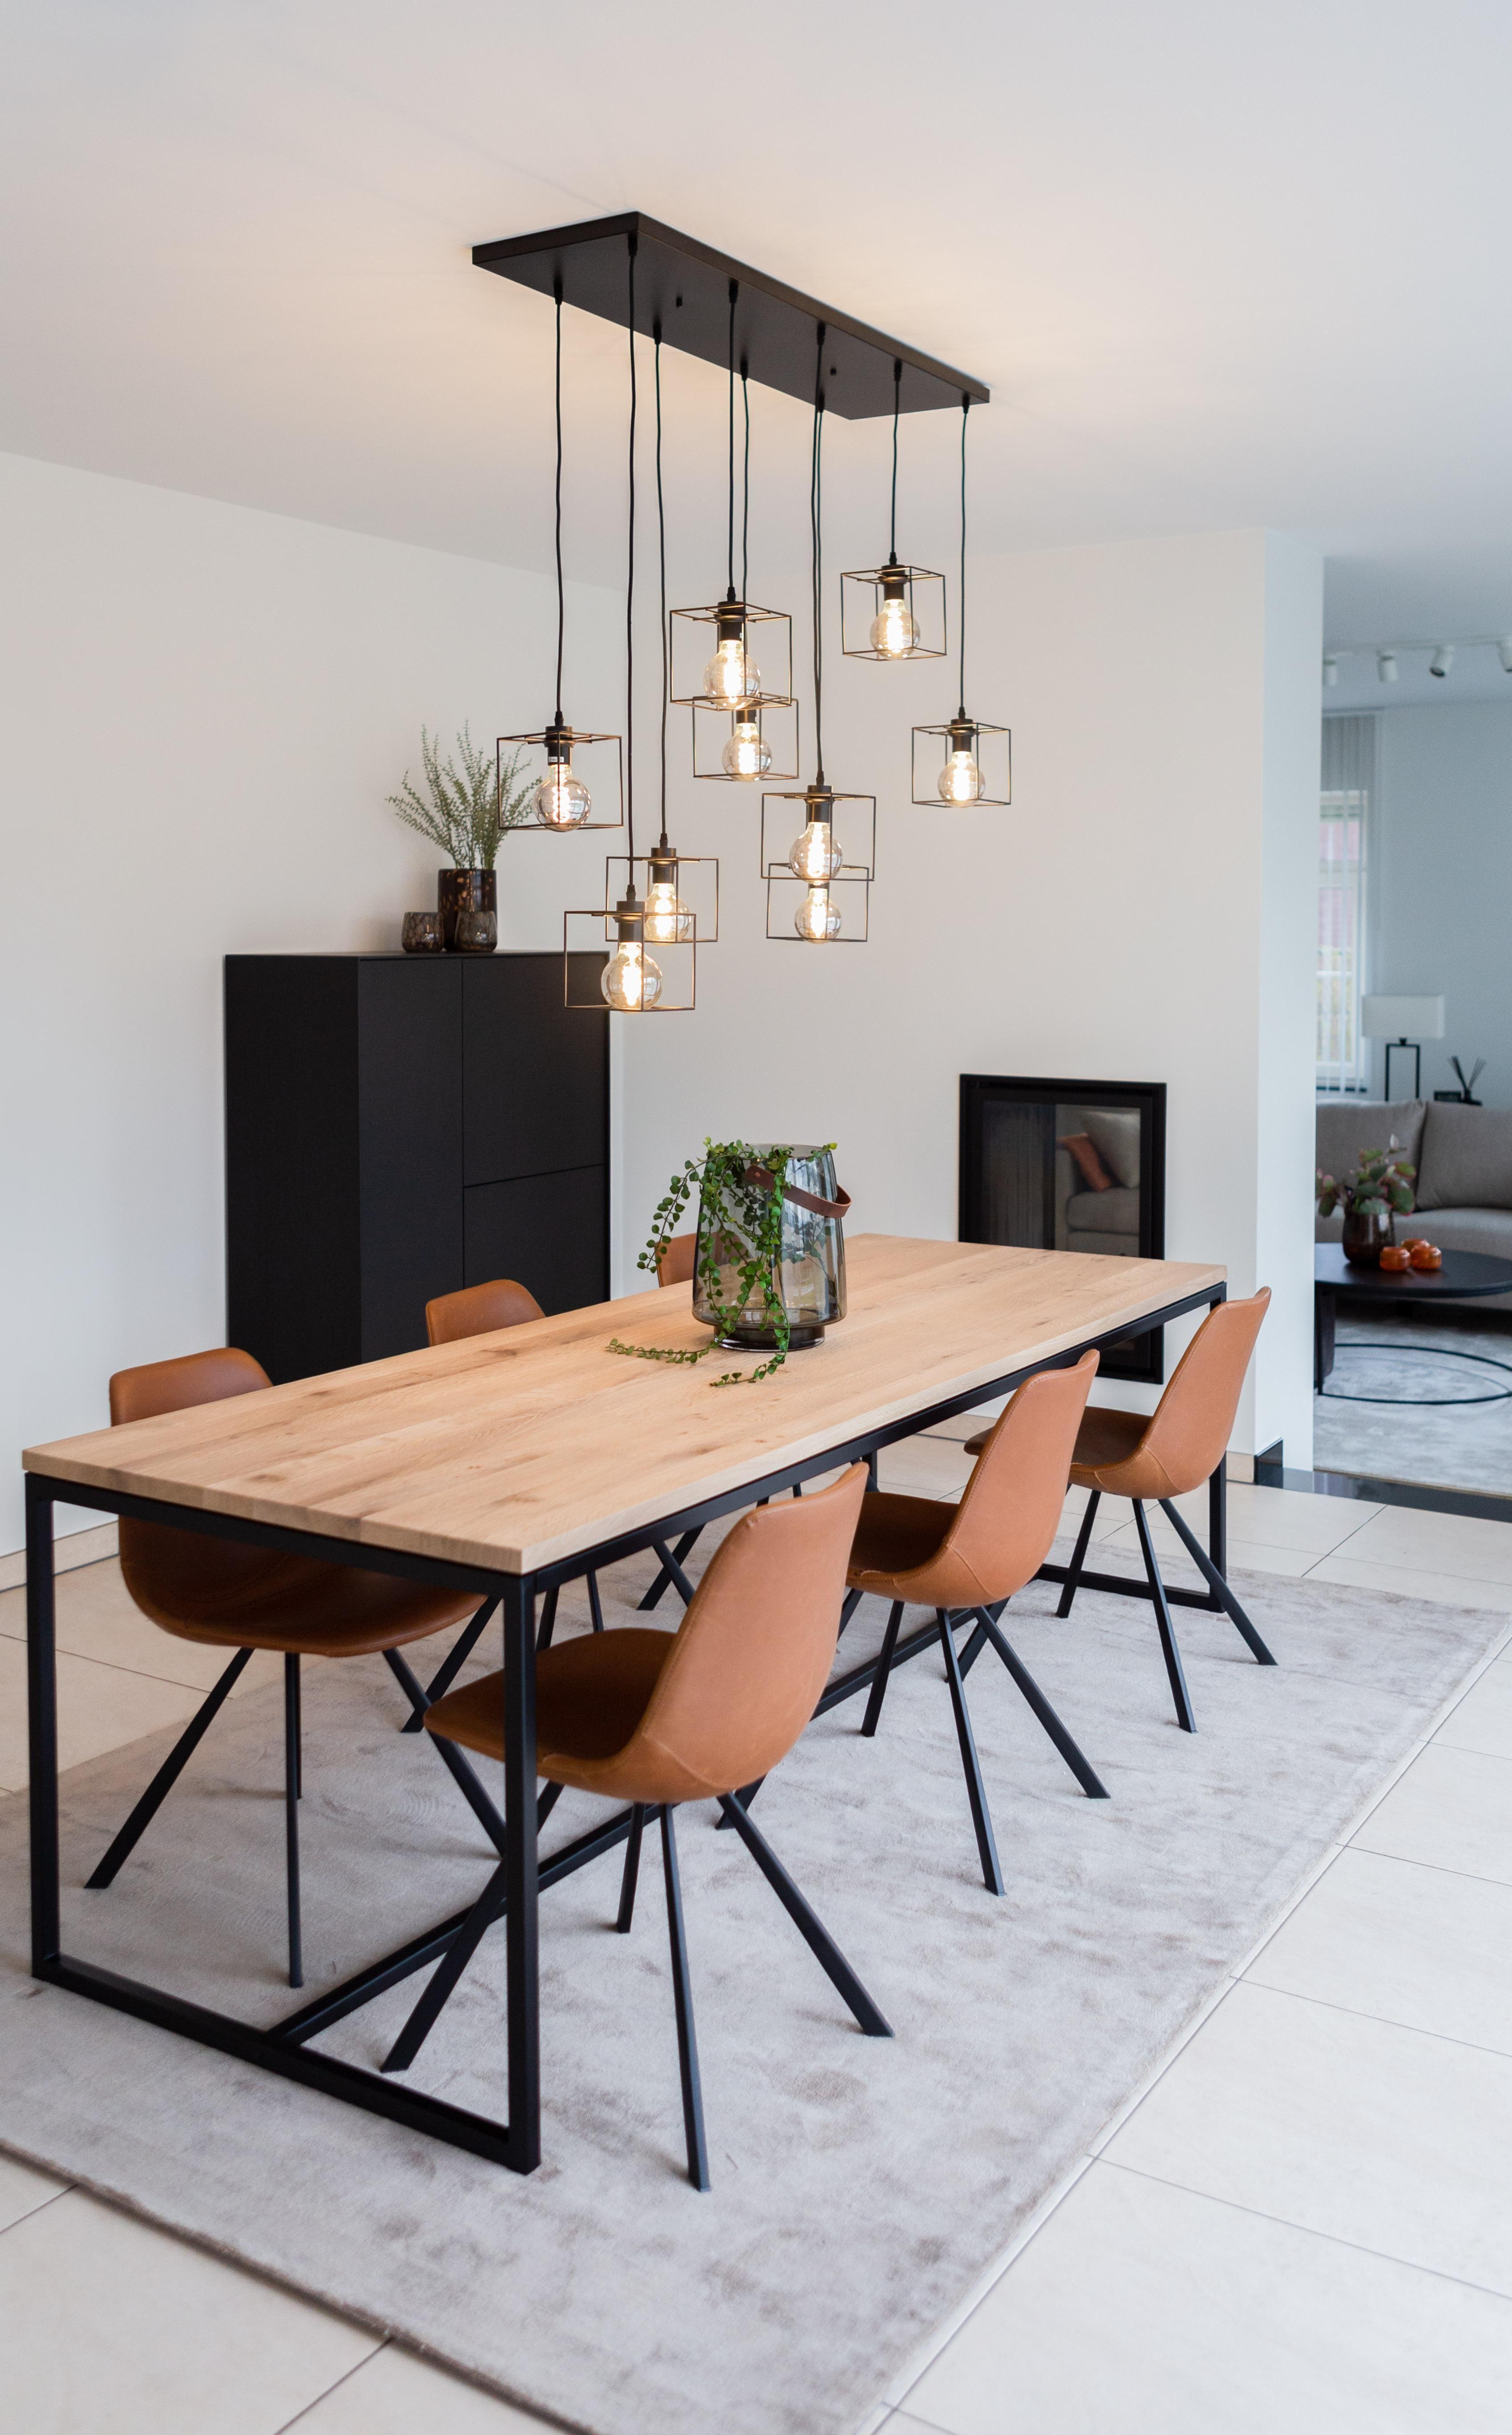 Meet Mister Perfect!😍 Strak, en toch warm. Open, en toch knus. Speels, en toch stijlvol. In dit nieuwe interieurproject creëerden onze Charrell's Angels werkelijk het ideale plaatje! De juiste meubels, de juiste kleuren, de juiste decoratie, better together! #homeinteriors #interieurproject #interieurstyling #interieurdesign #interiorstyling #livingroom #passion4interior #interieuradvies #nieuwinterieur #stijlvolwonen #interiorhome #homeandliving #dreamhouse #interiorgoals#dressoir #lighting